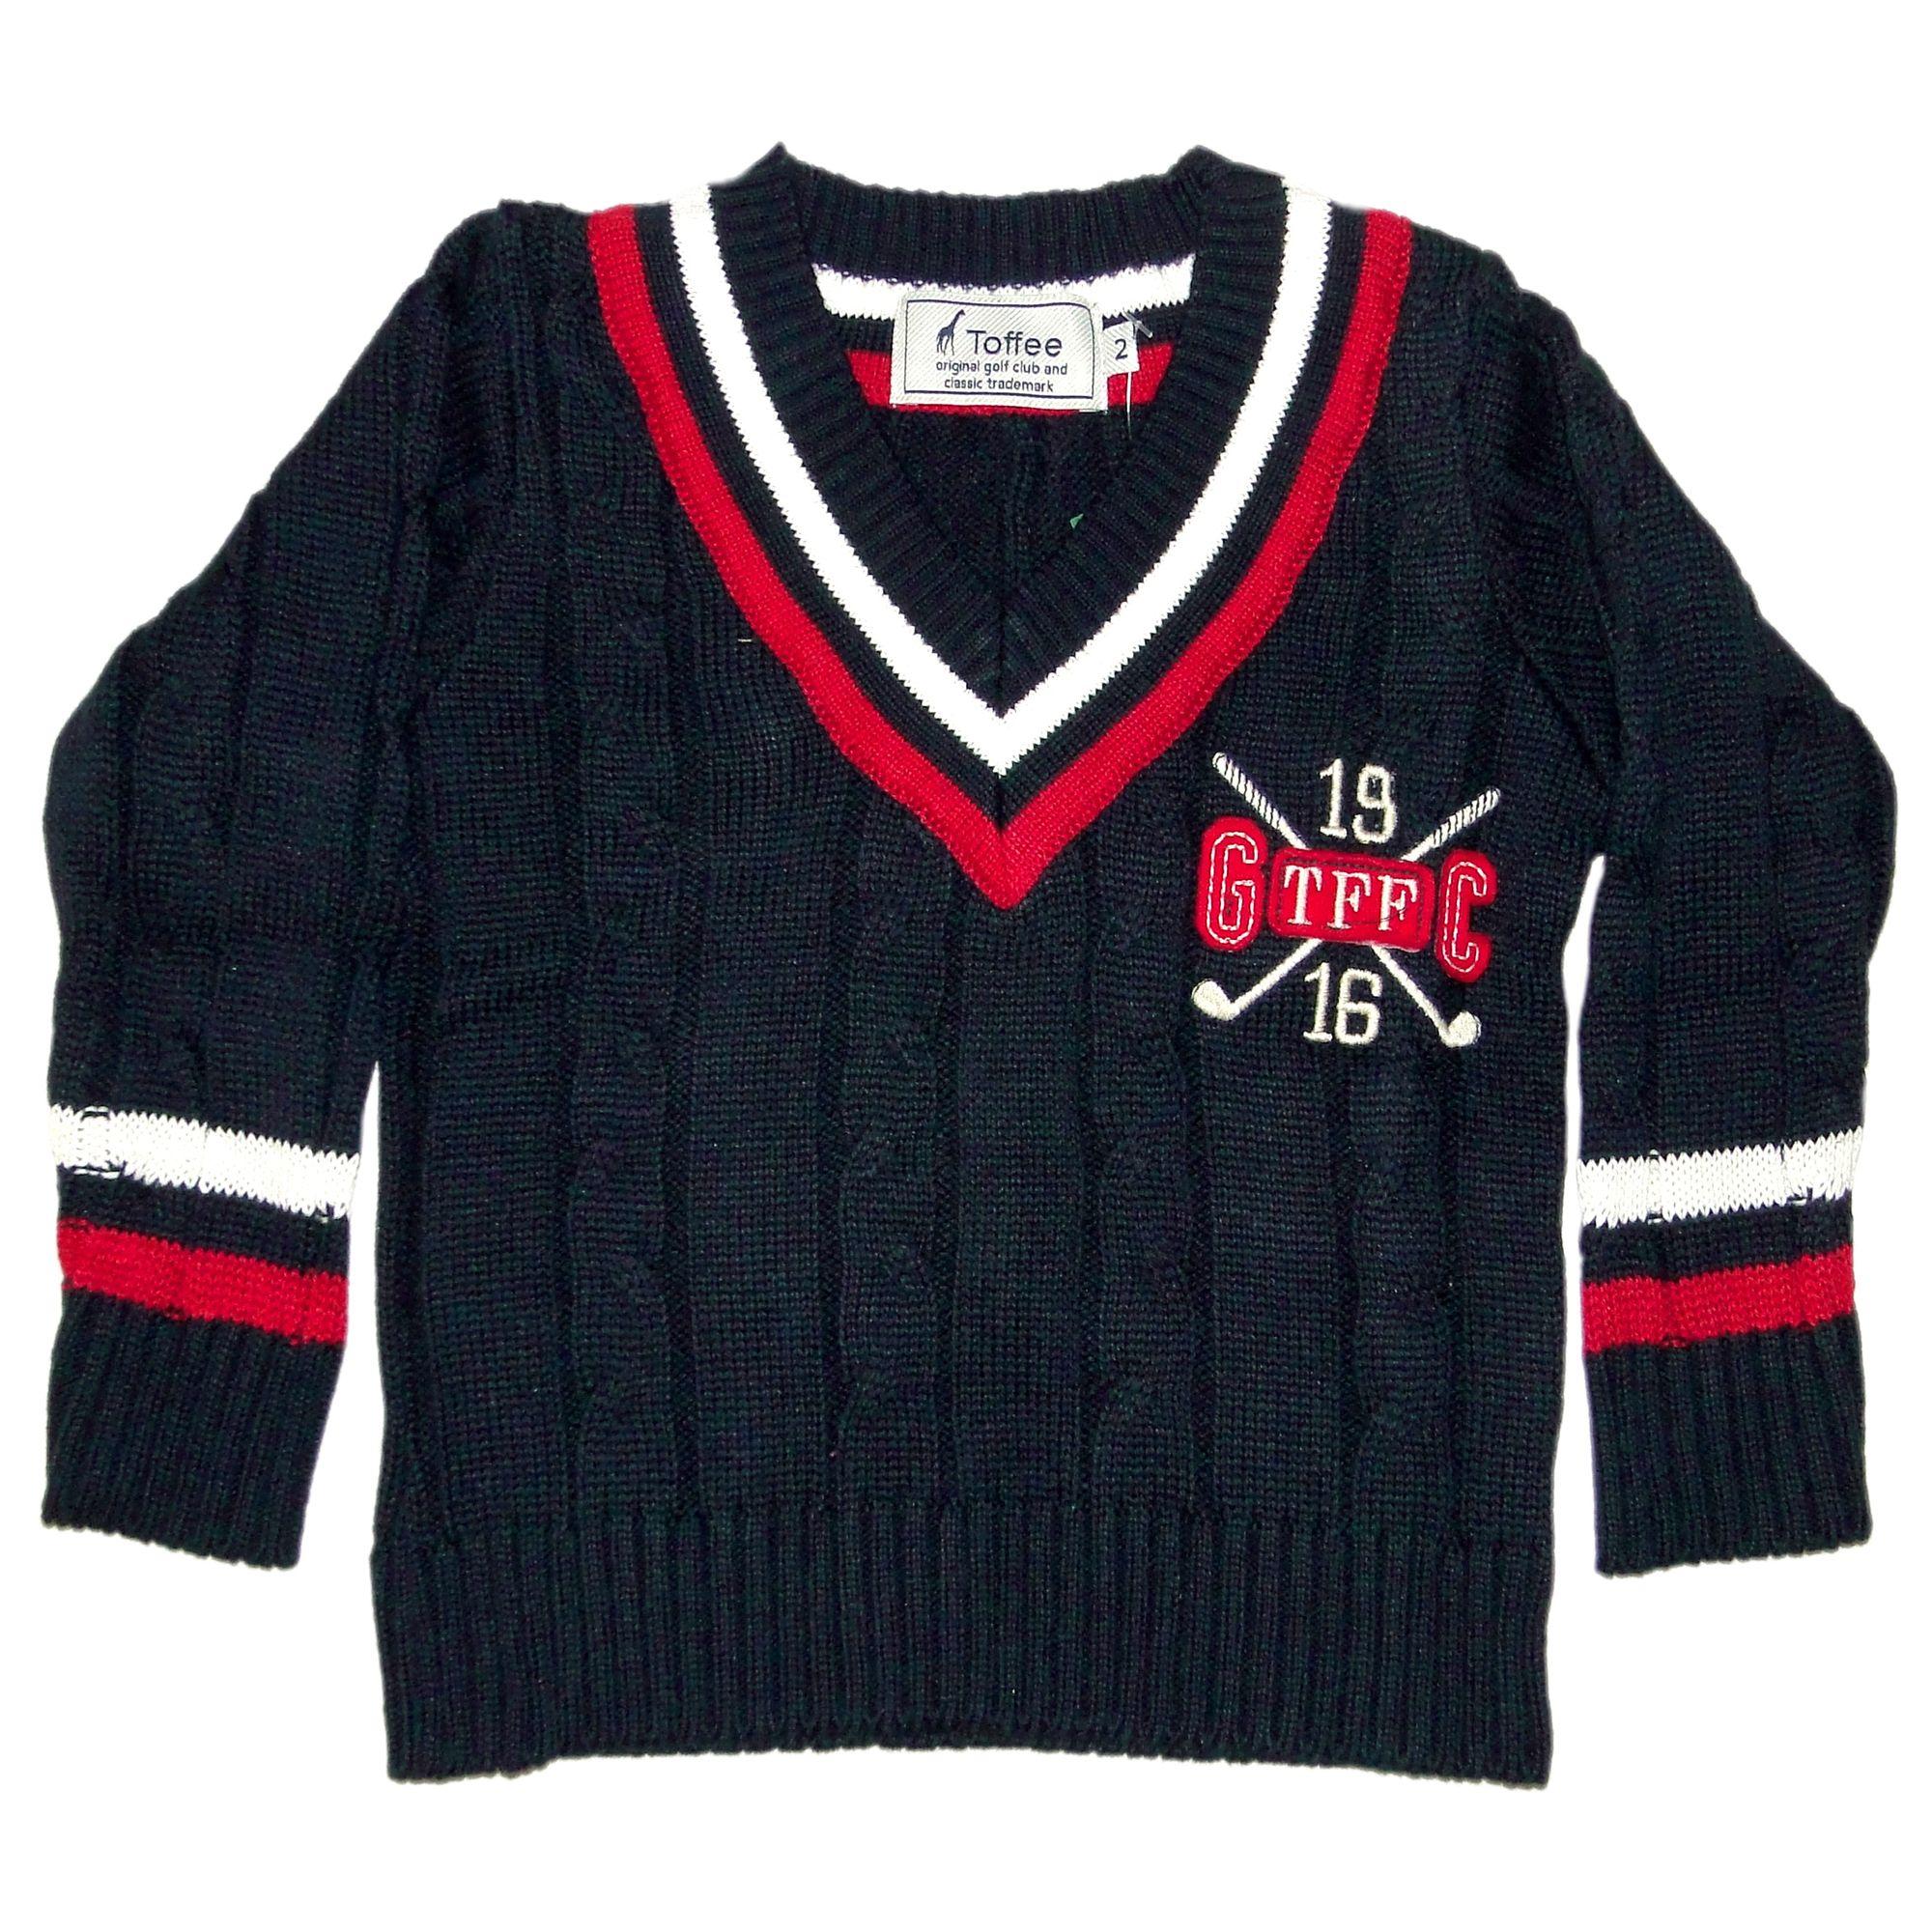 Suéter Infantil em Tricô Azul Marinho com Tranças e Listra na Gola Toffee -  Roupas para Meninos é na EcaMeleca Kids - EcaMeleca cc3d7895b1e